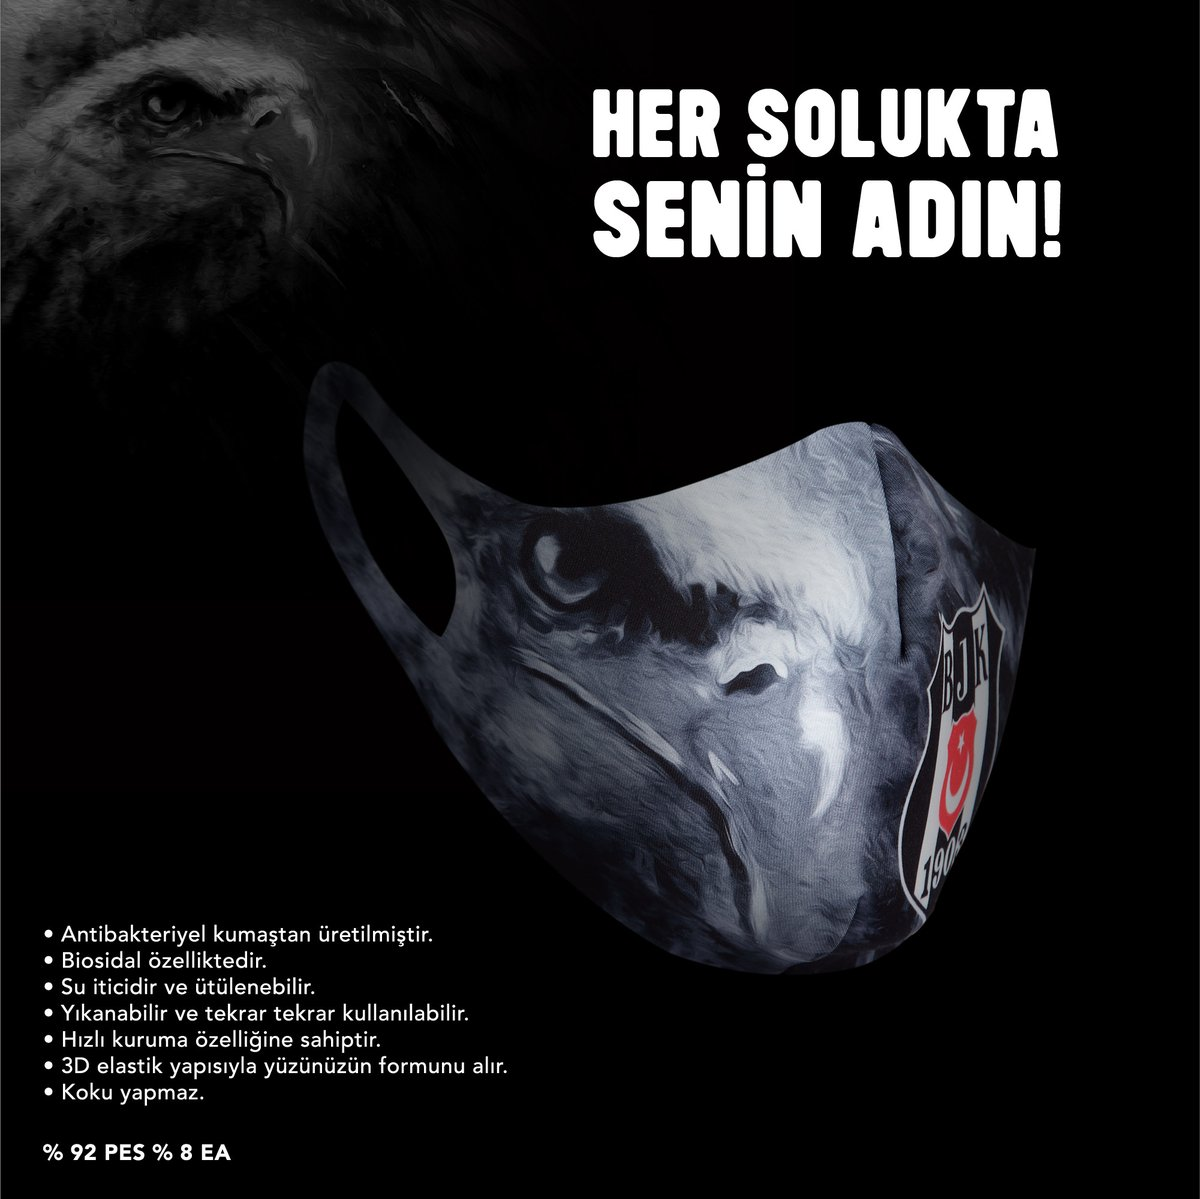 Her solukta senin adın... 🦅😷   Beşiktaş JK maskeleri bu gece 00.00'da https://t.co/xSOGhYGVVv 'de, yarın sabah tüm Kartal Yuvası mağazalarında satışta! https://t.co/sHggVTNt71